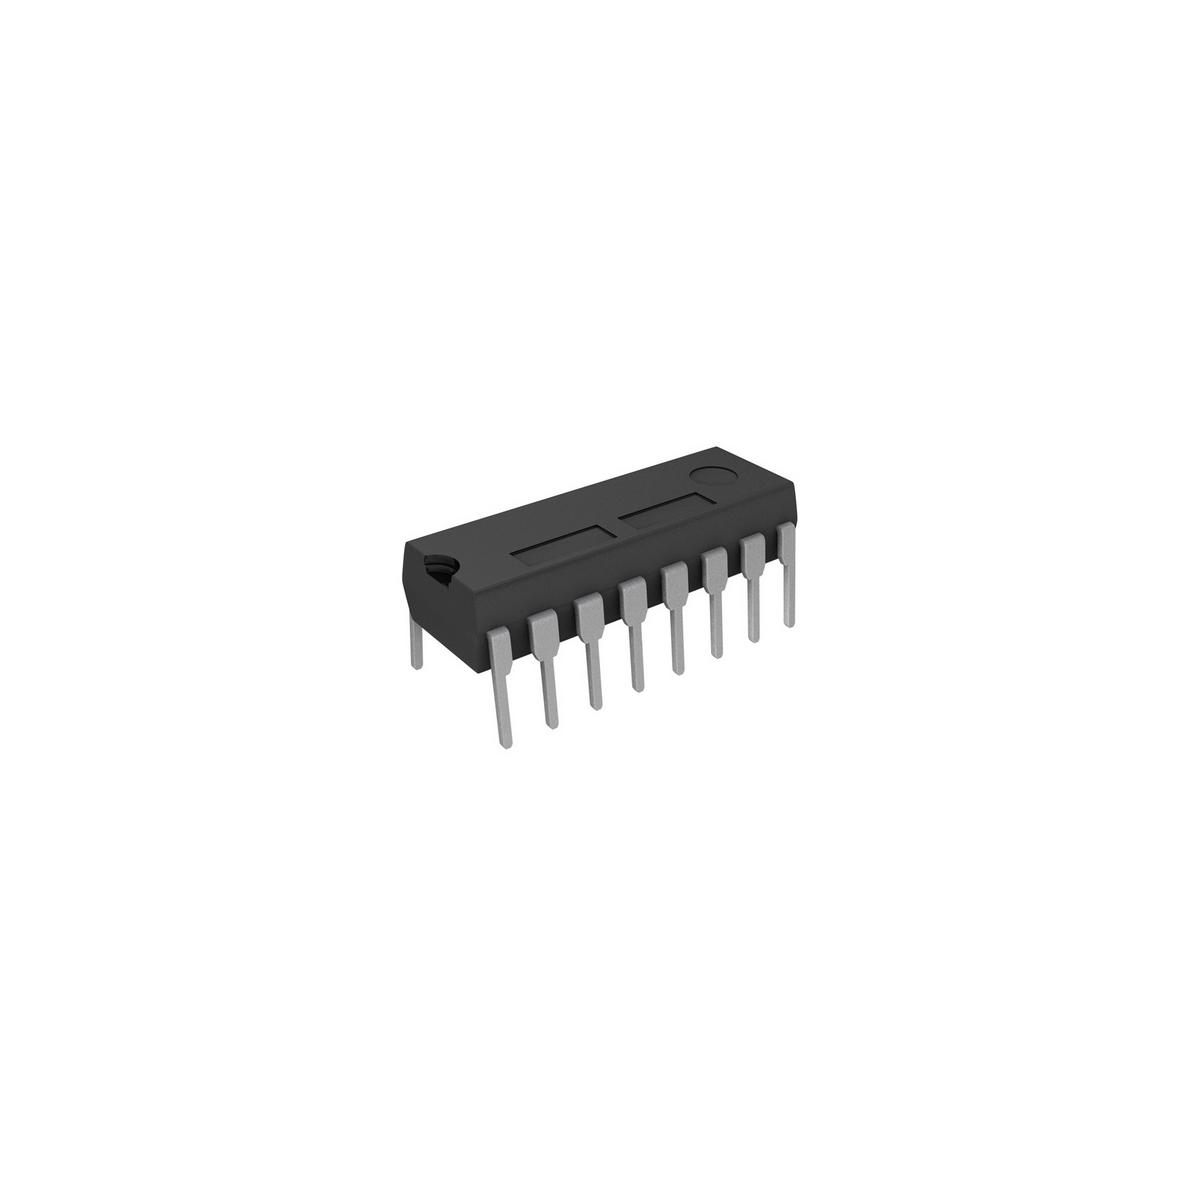 CD 40174   (DIP-16)